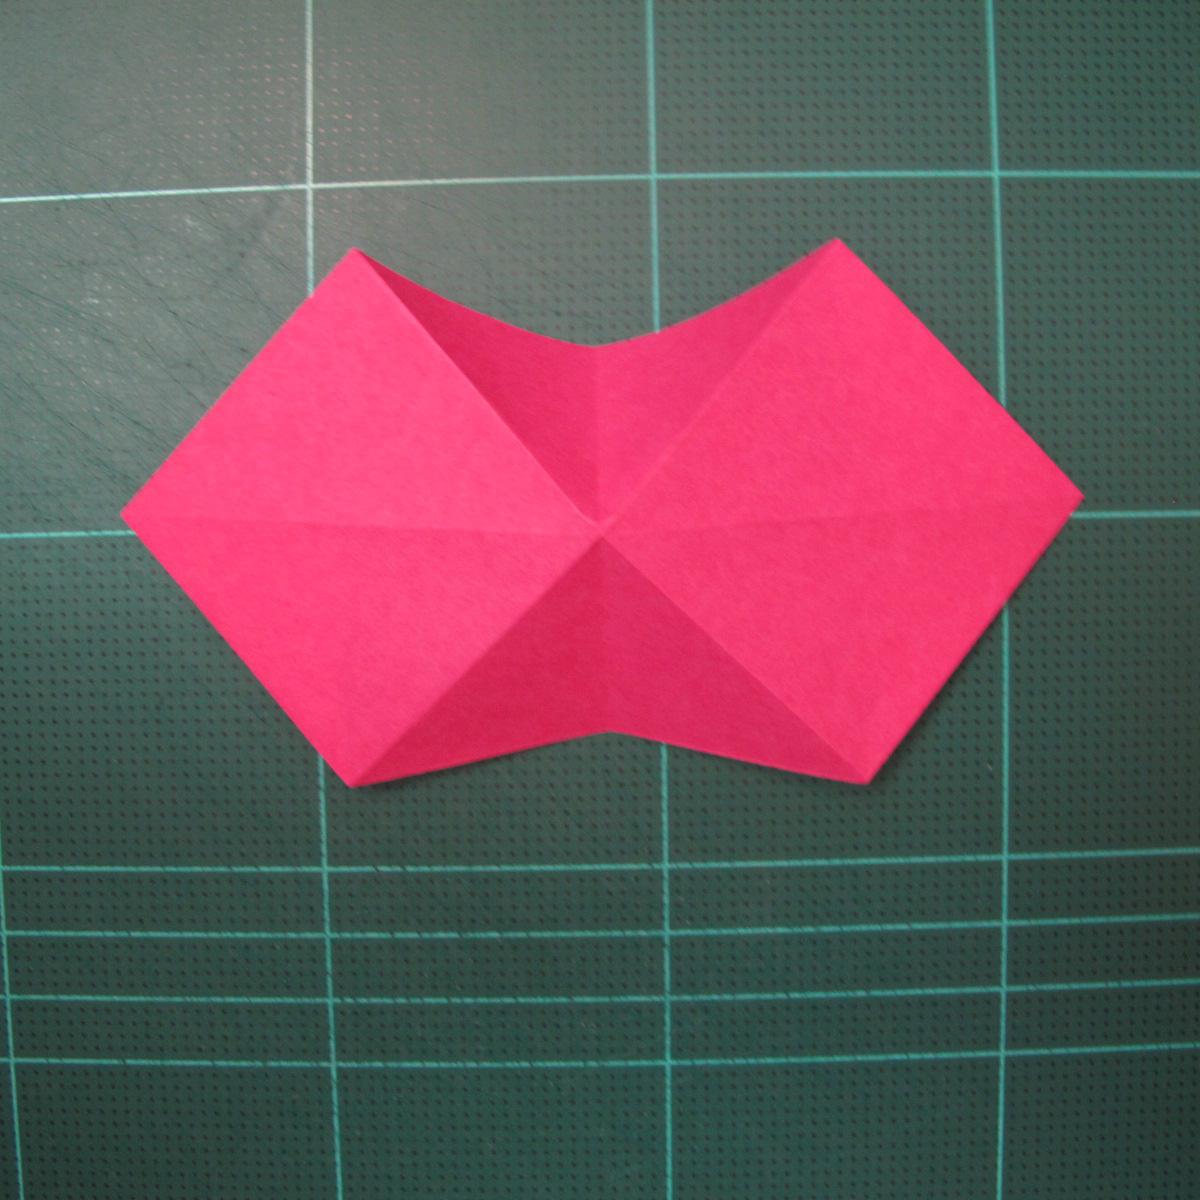 การพับกระดาษแบบโมดูล่าเป็นดาวสปาราซิส (Modular Origami Sparaxis Star) 004